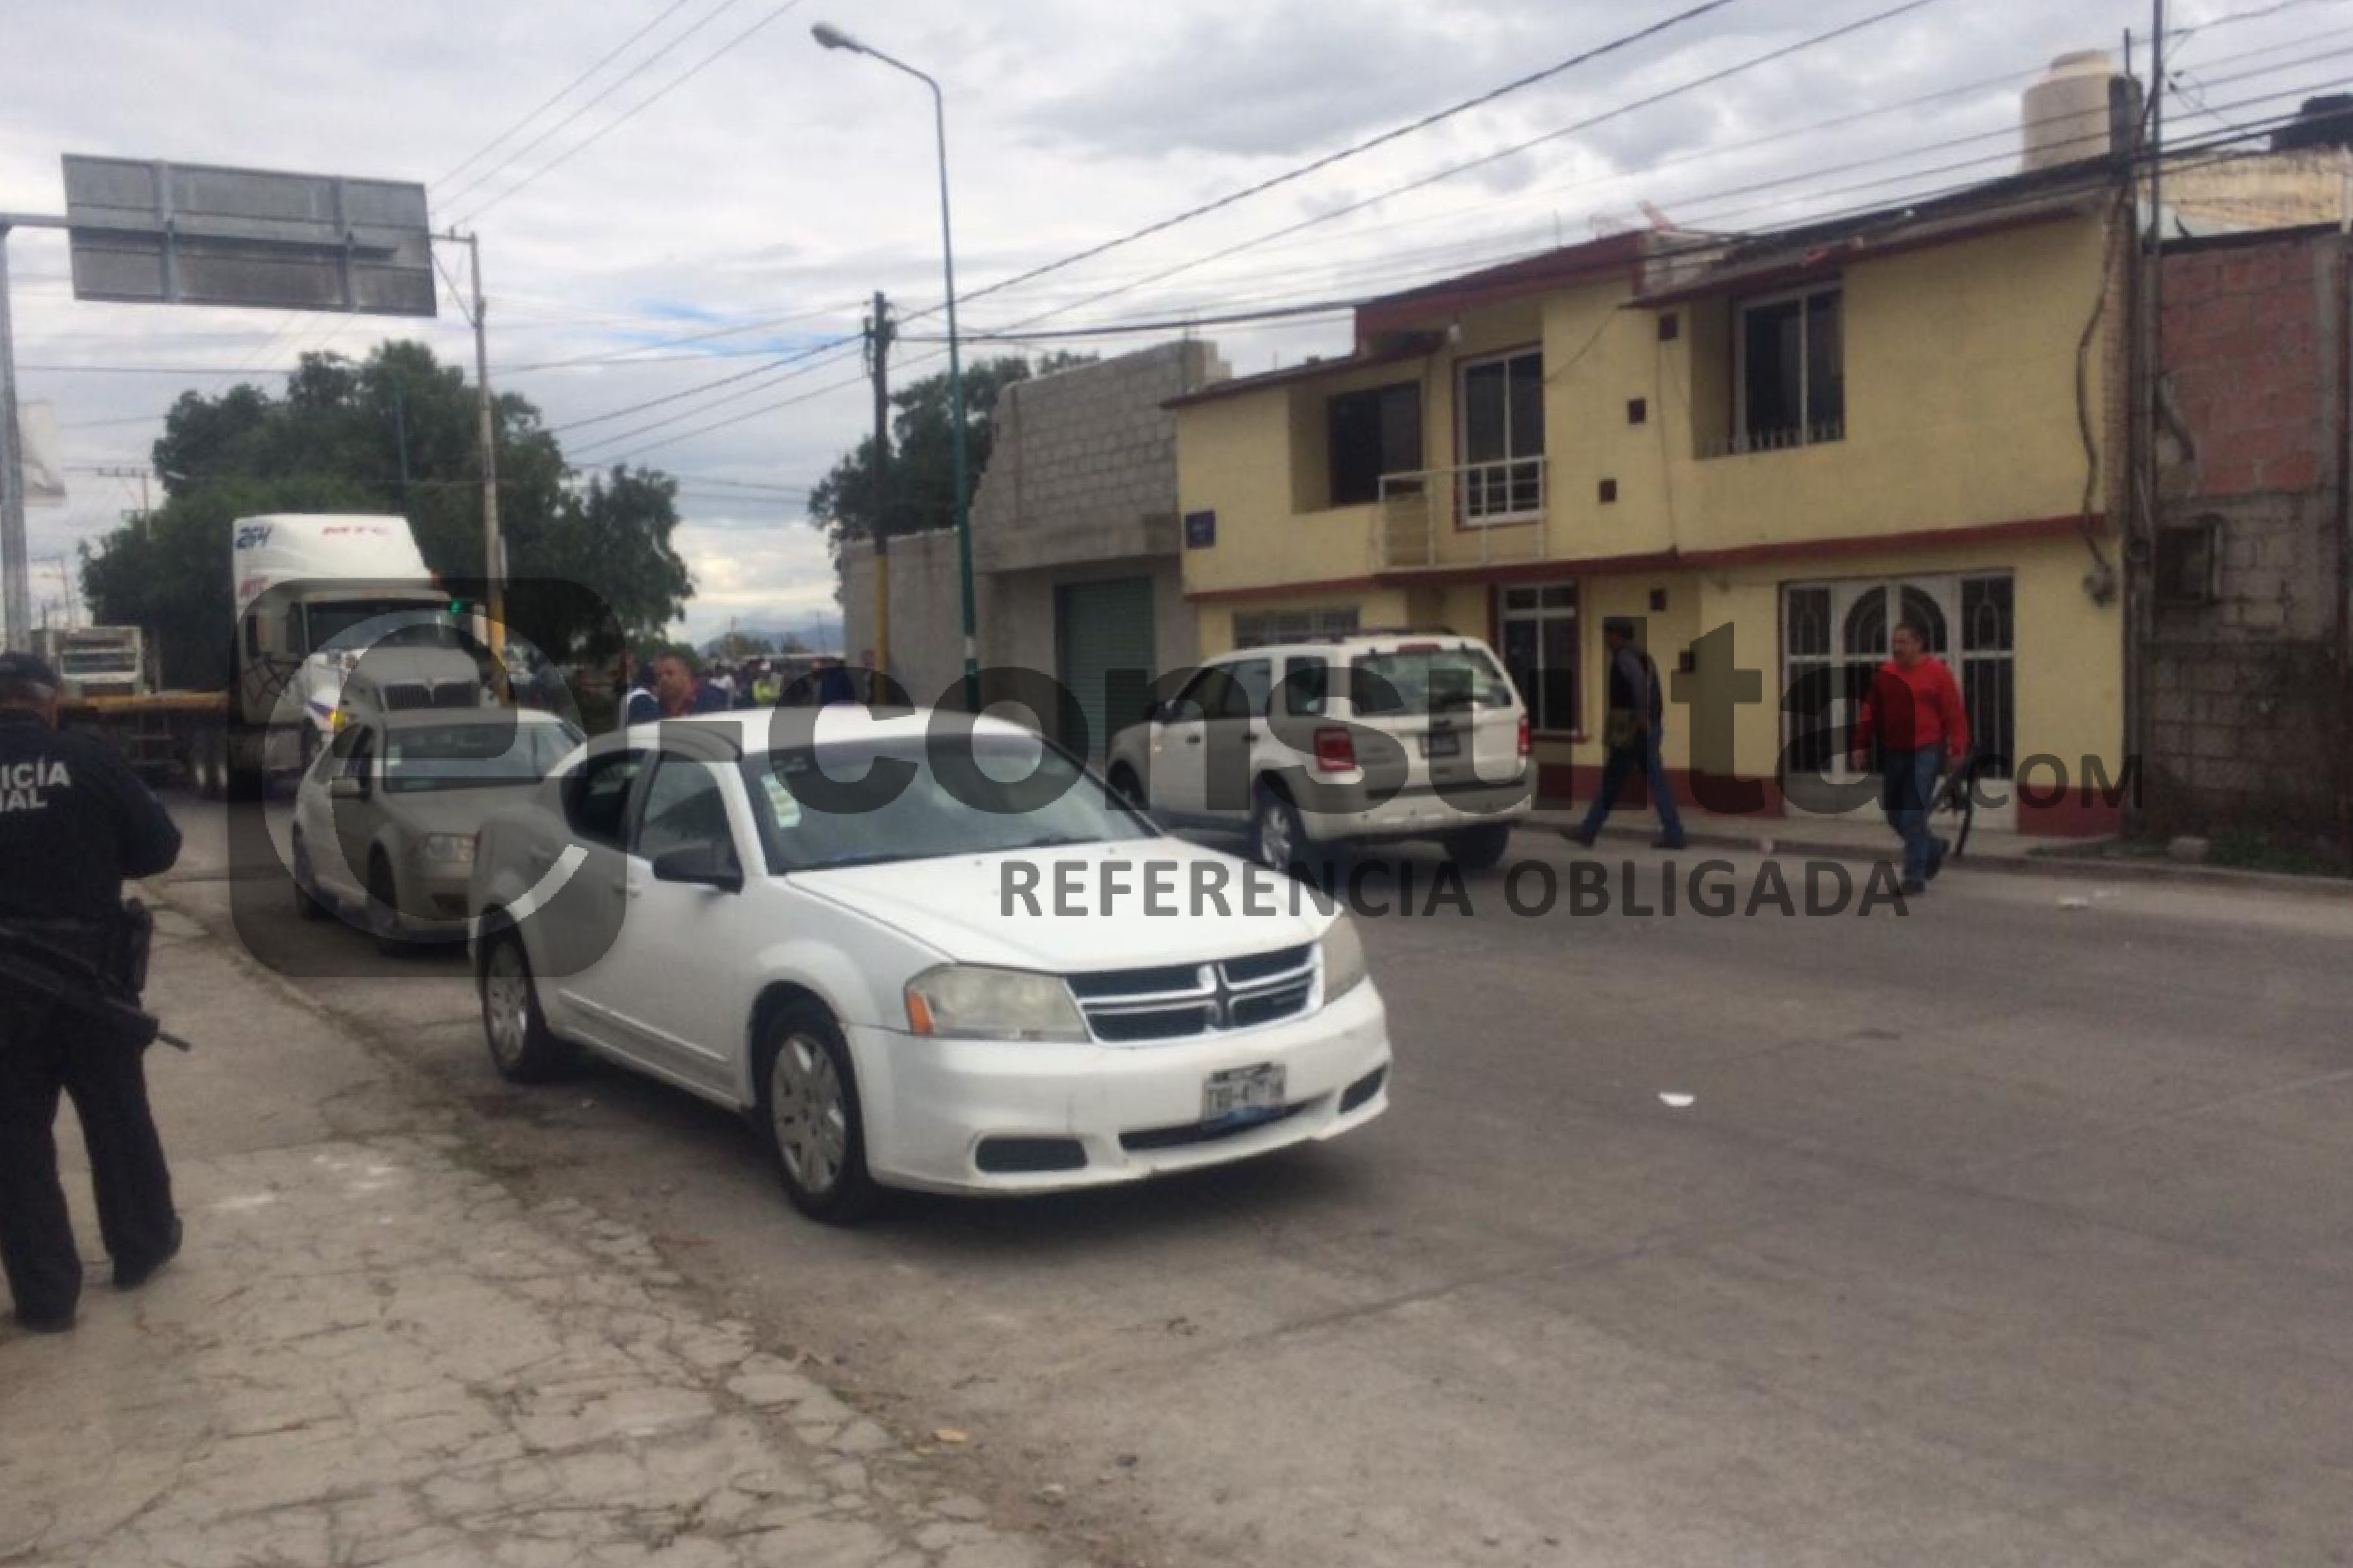 Balean y desarman a dos ministeriales en calles de Tepeaca